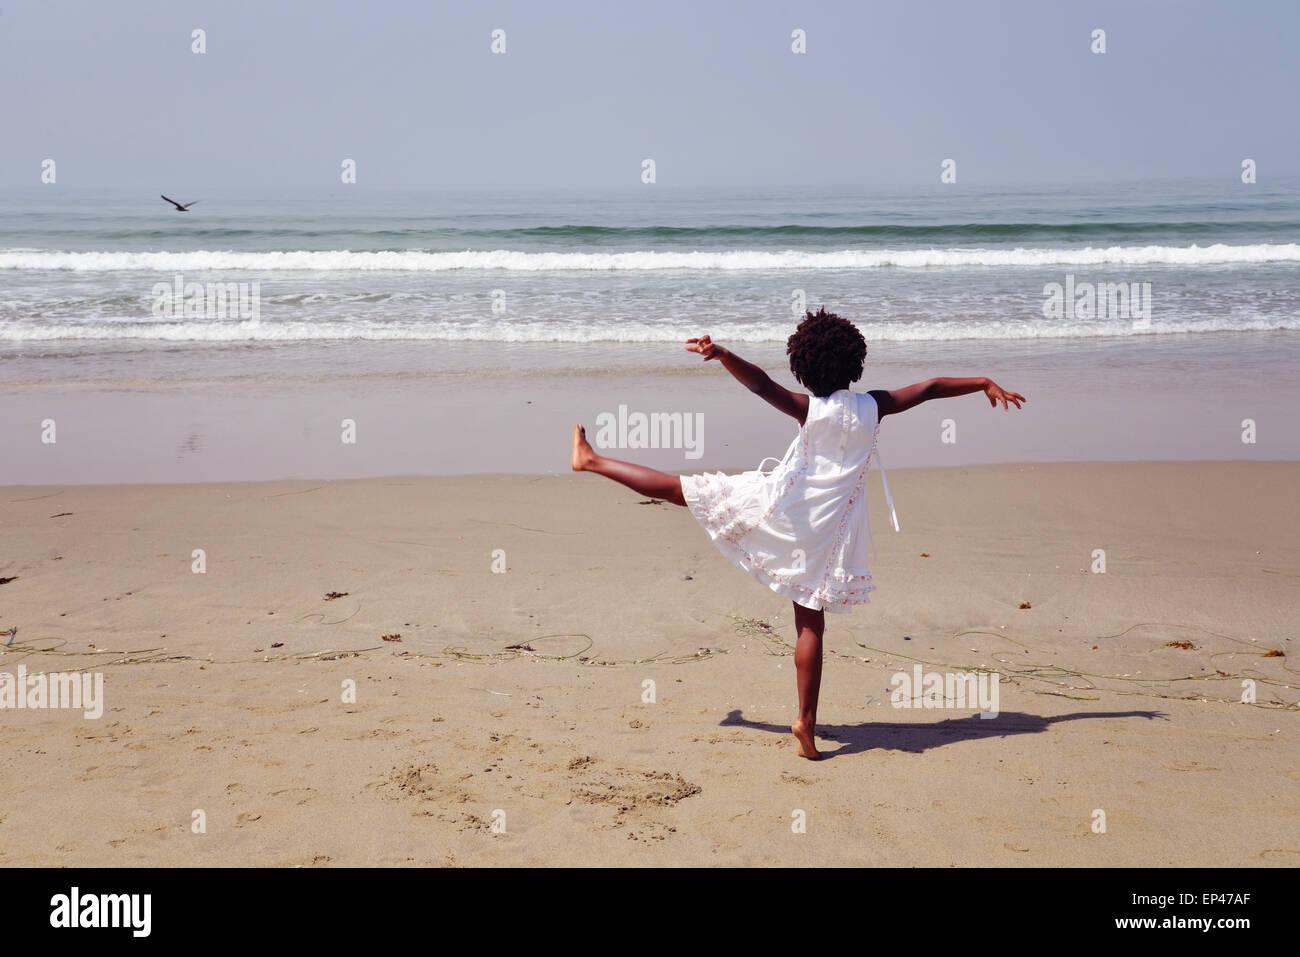 Vista posteriore di un africano ragazza americana in piedi su una gamba sola sulla spiaggia Foto Stock